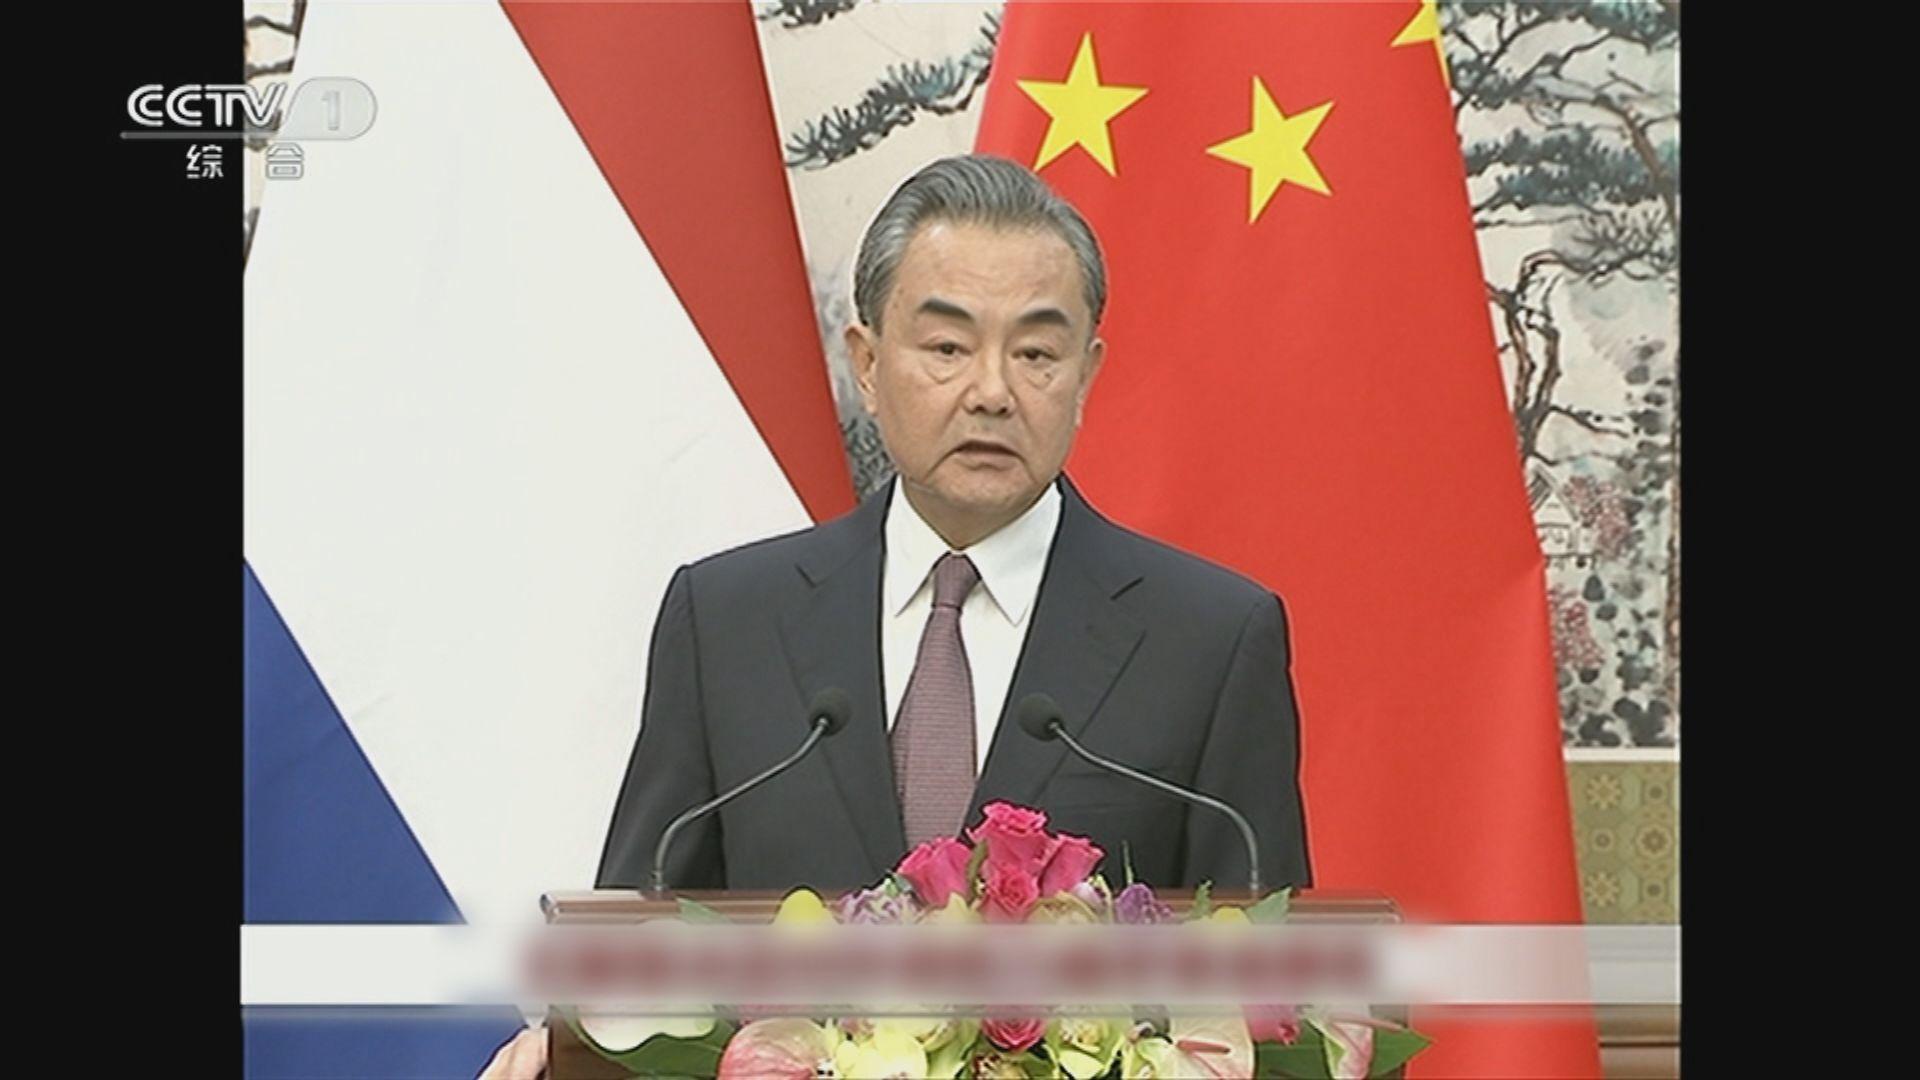 王毅:支持、尊重及諒解港府暫緩修例